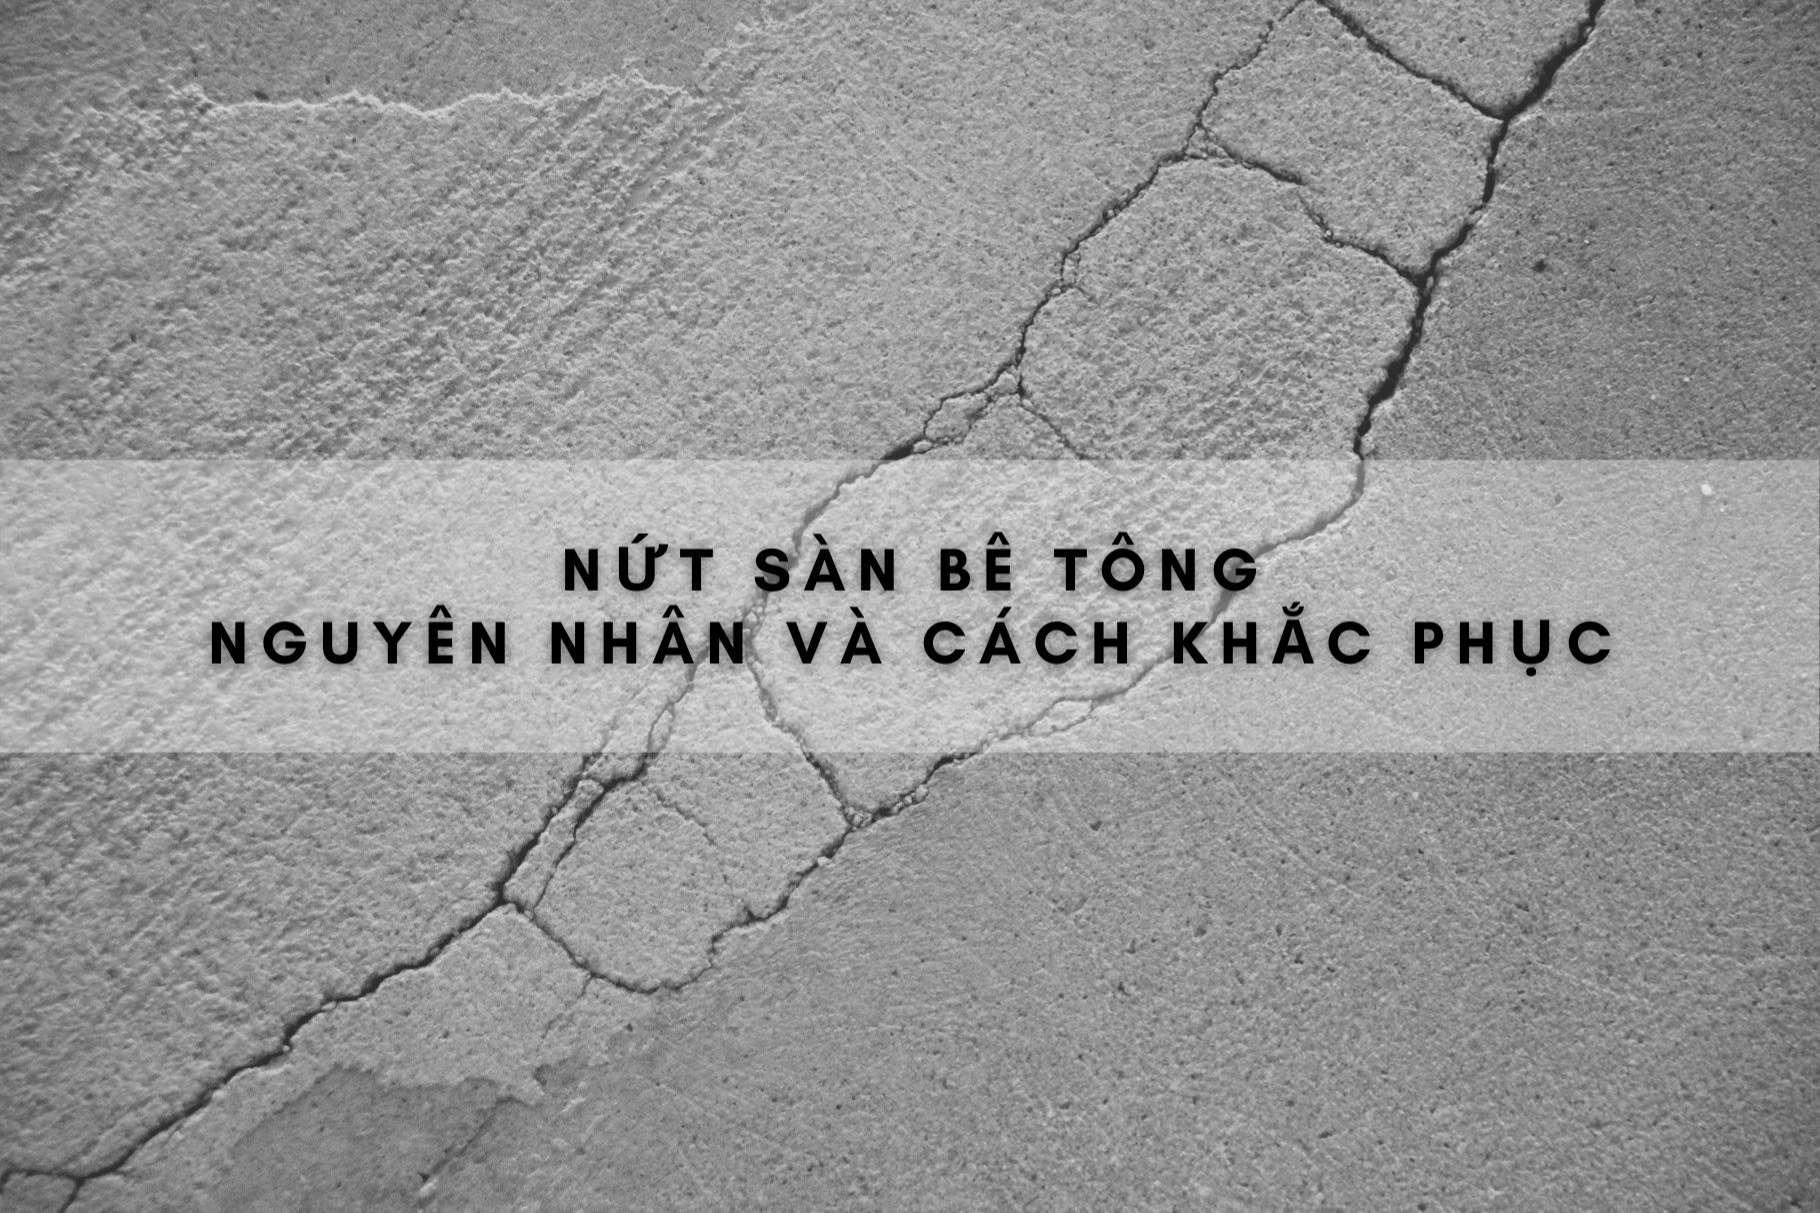 khac-phuc-nut-san-be-tong